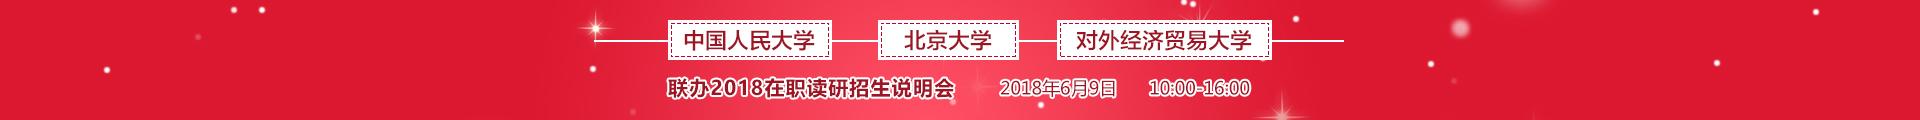 北京地区2017首场在职读研招生说明会